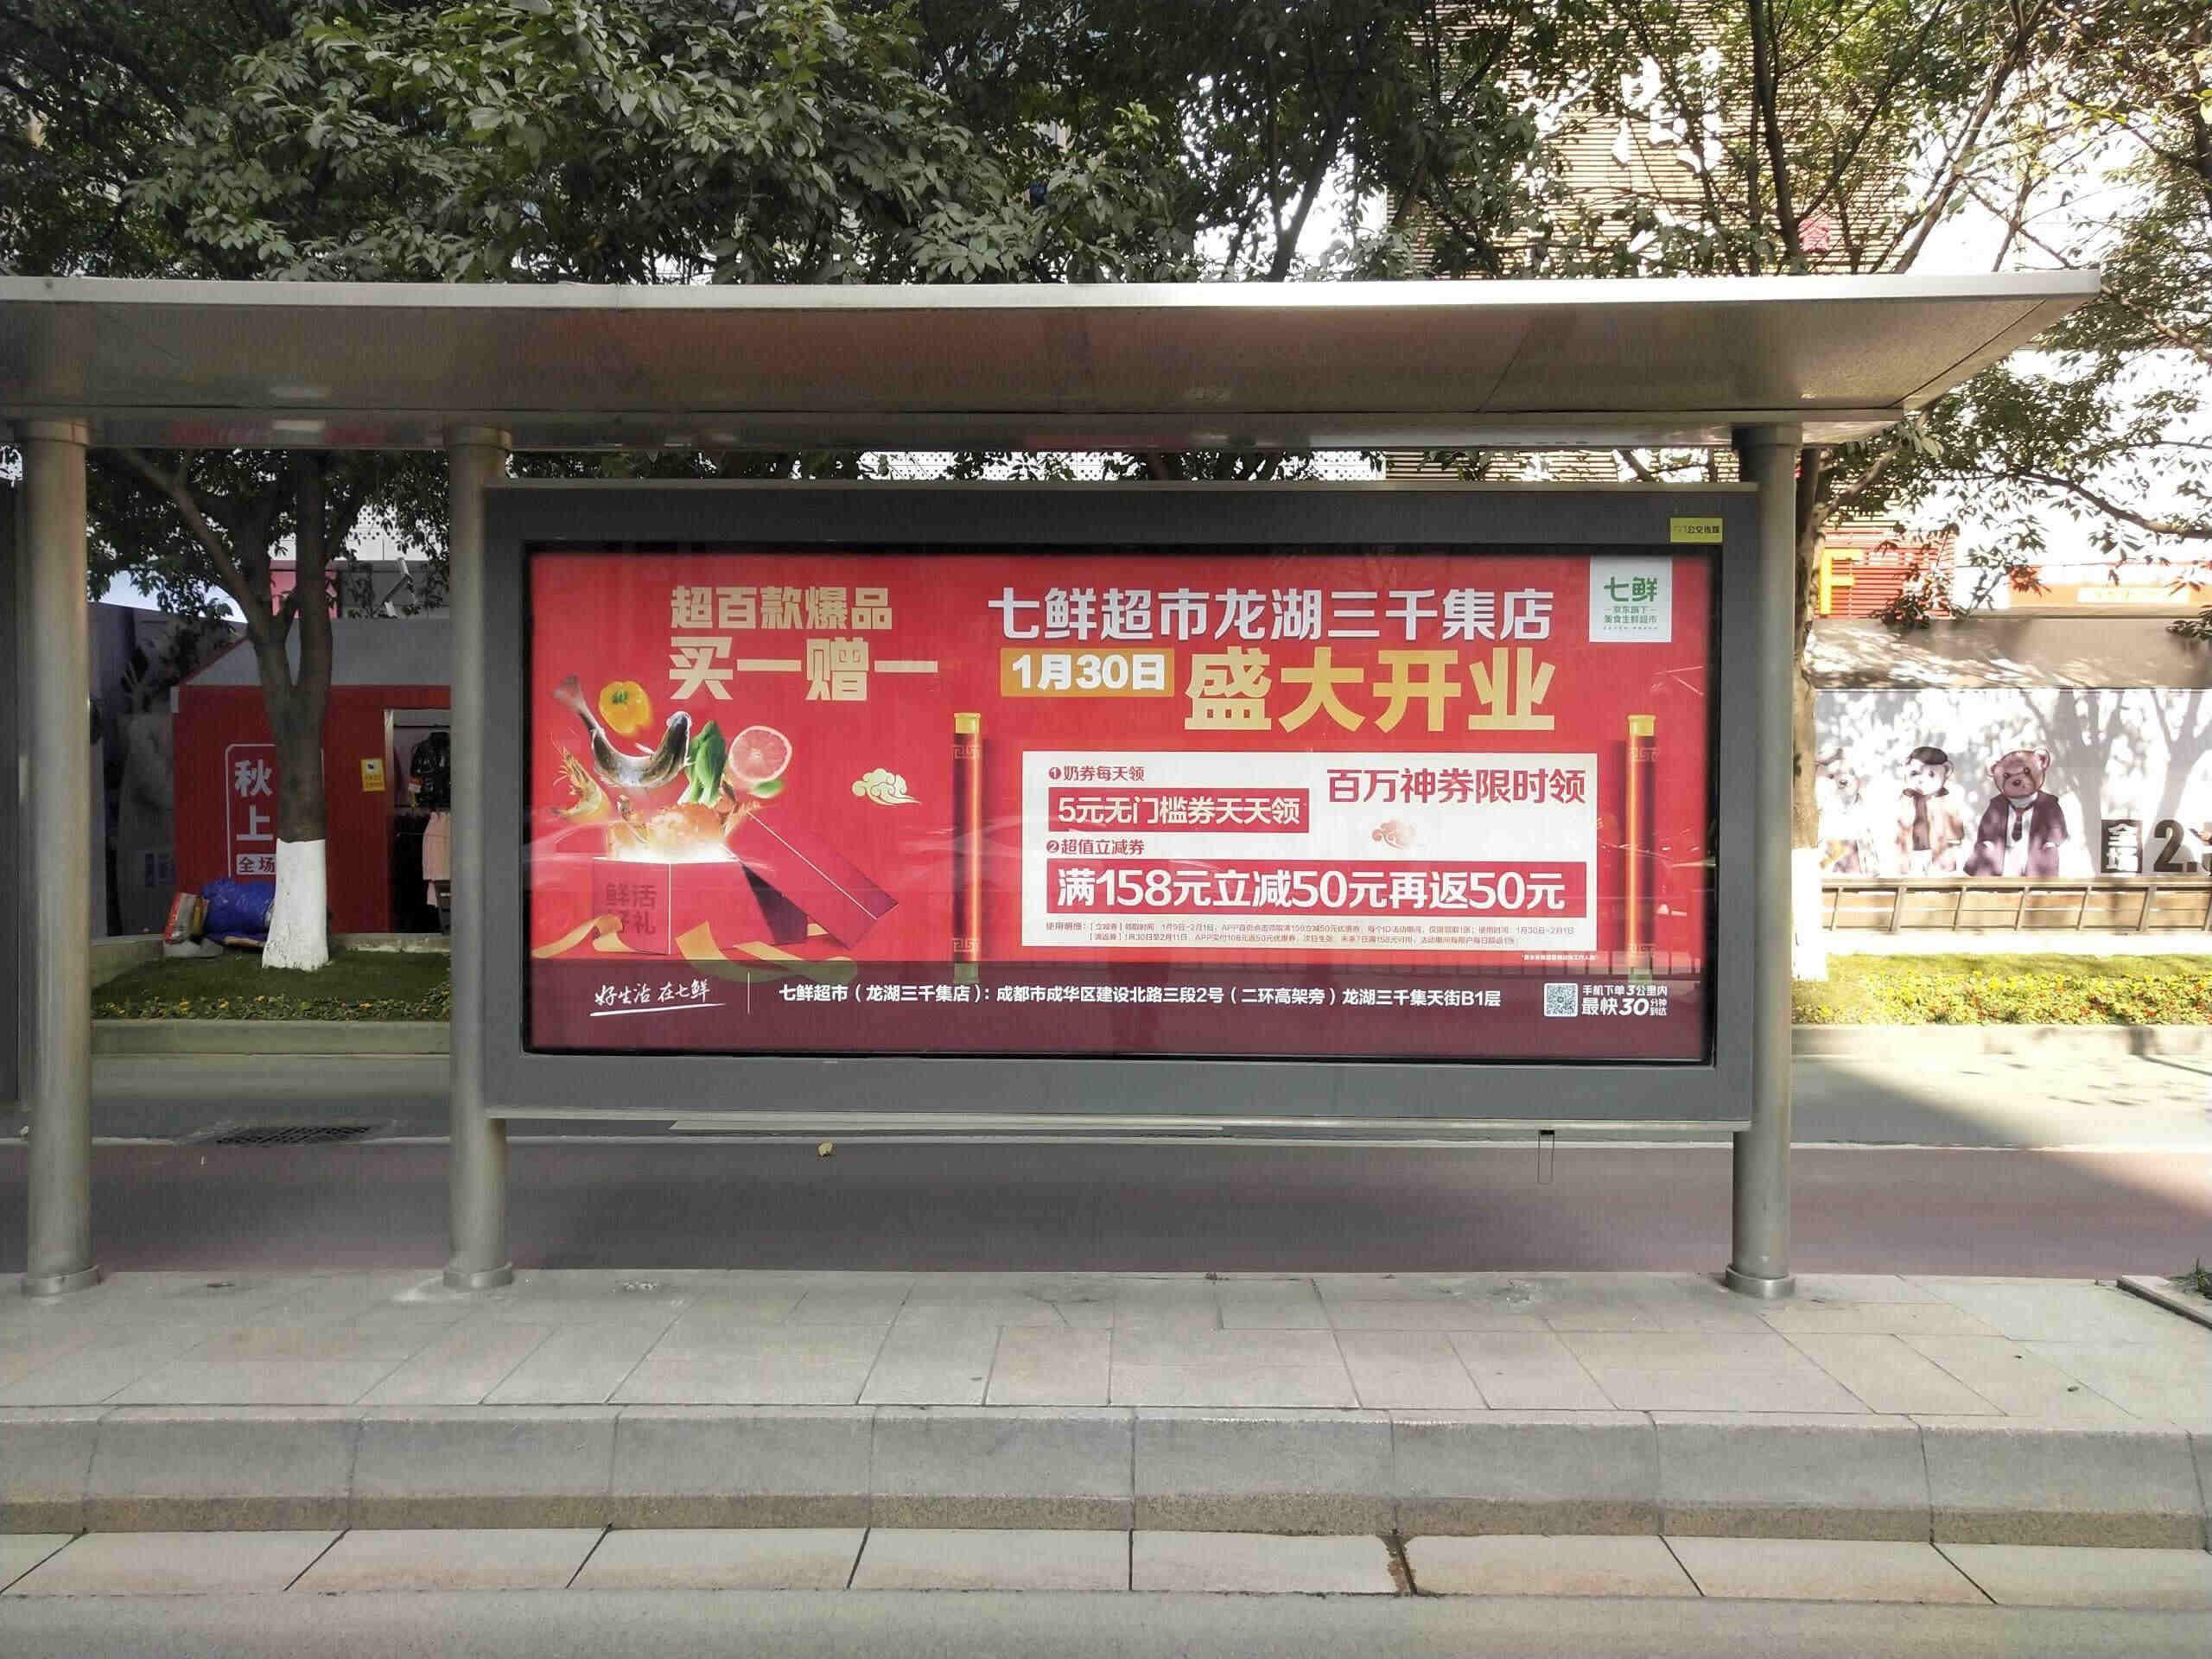 七鲜超市--成都公交站台广告